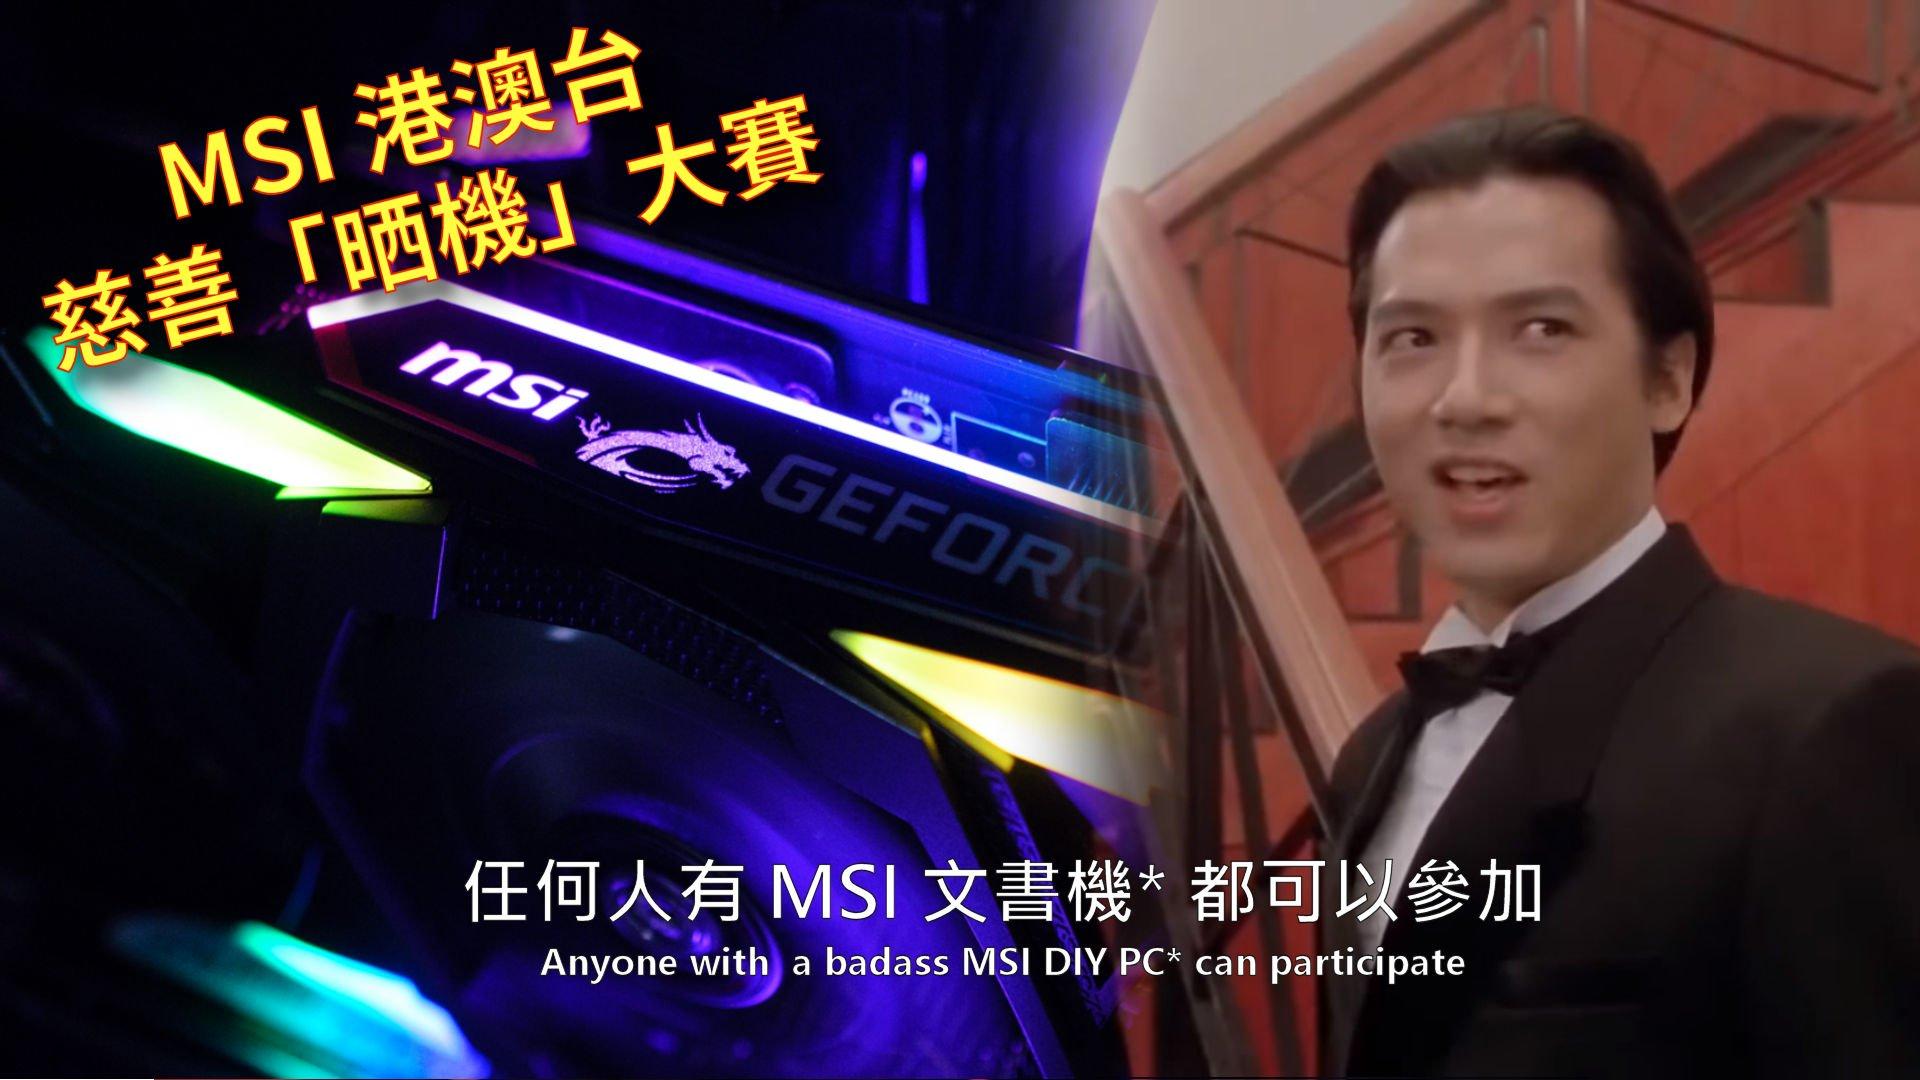 https://www.coolaler.com.tw/image/news/20/02/msi_228_1.jpg